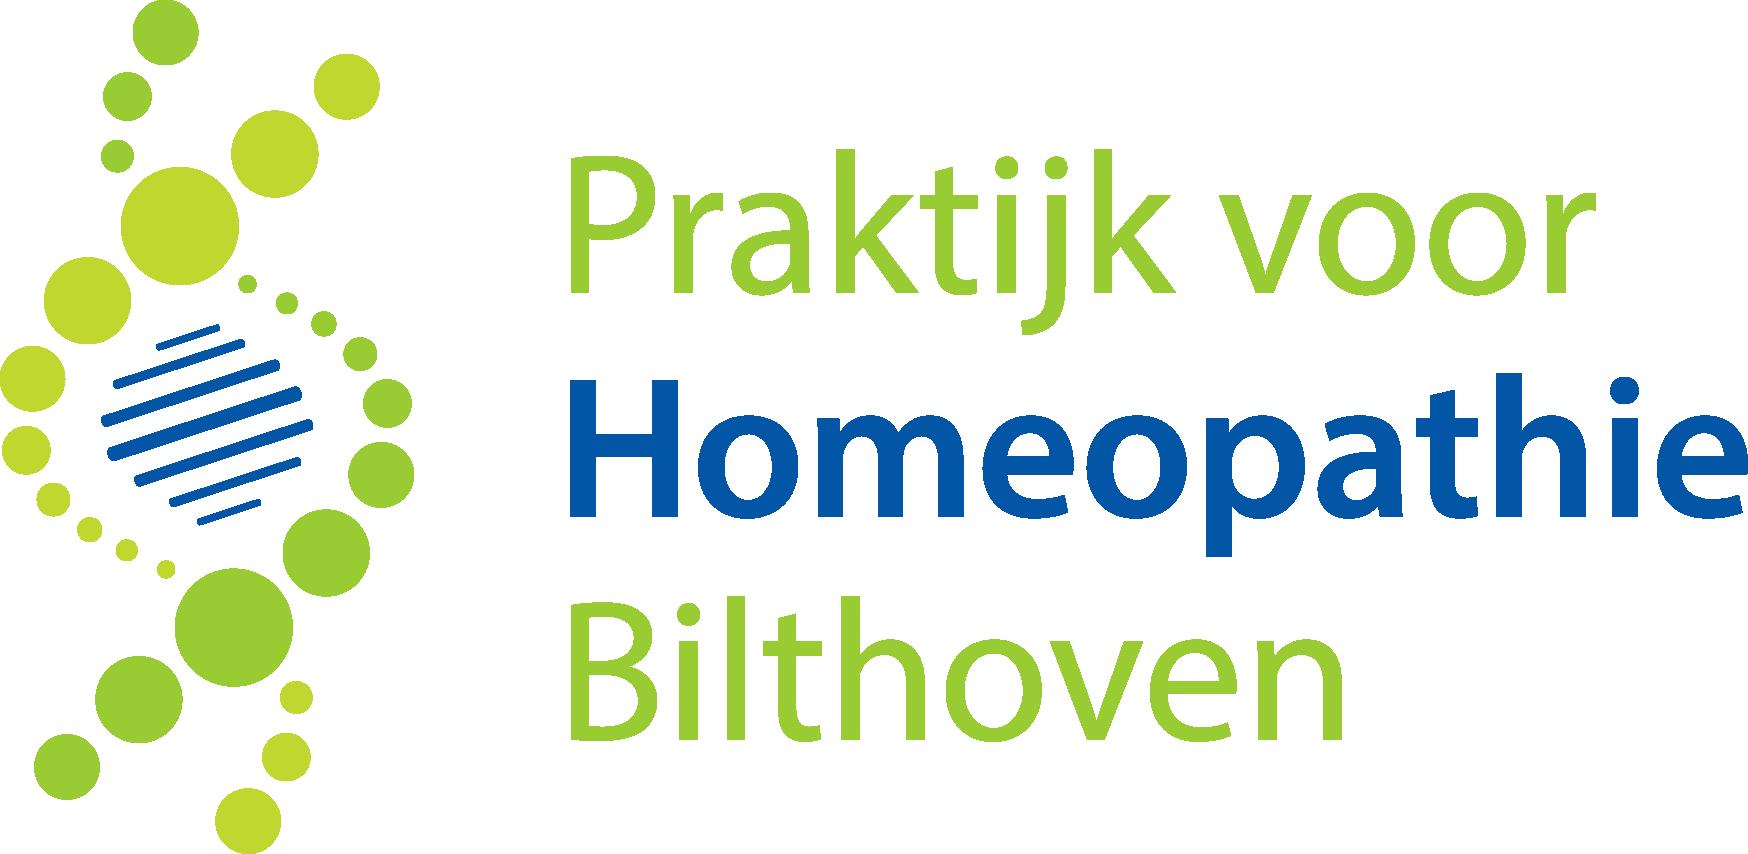 Praktijk voor Homeopathie Bilthoven